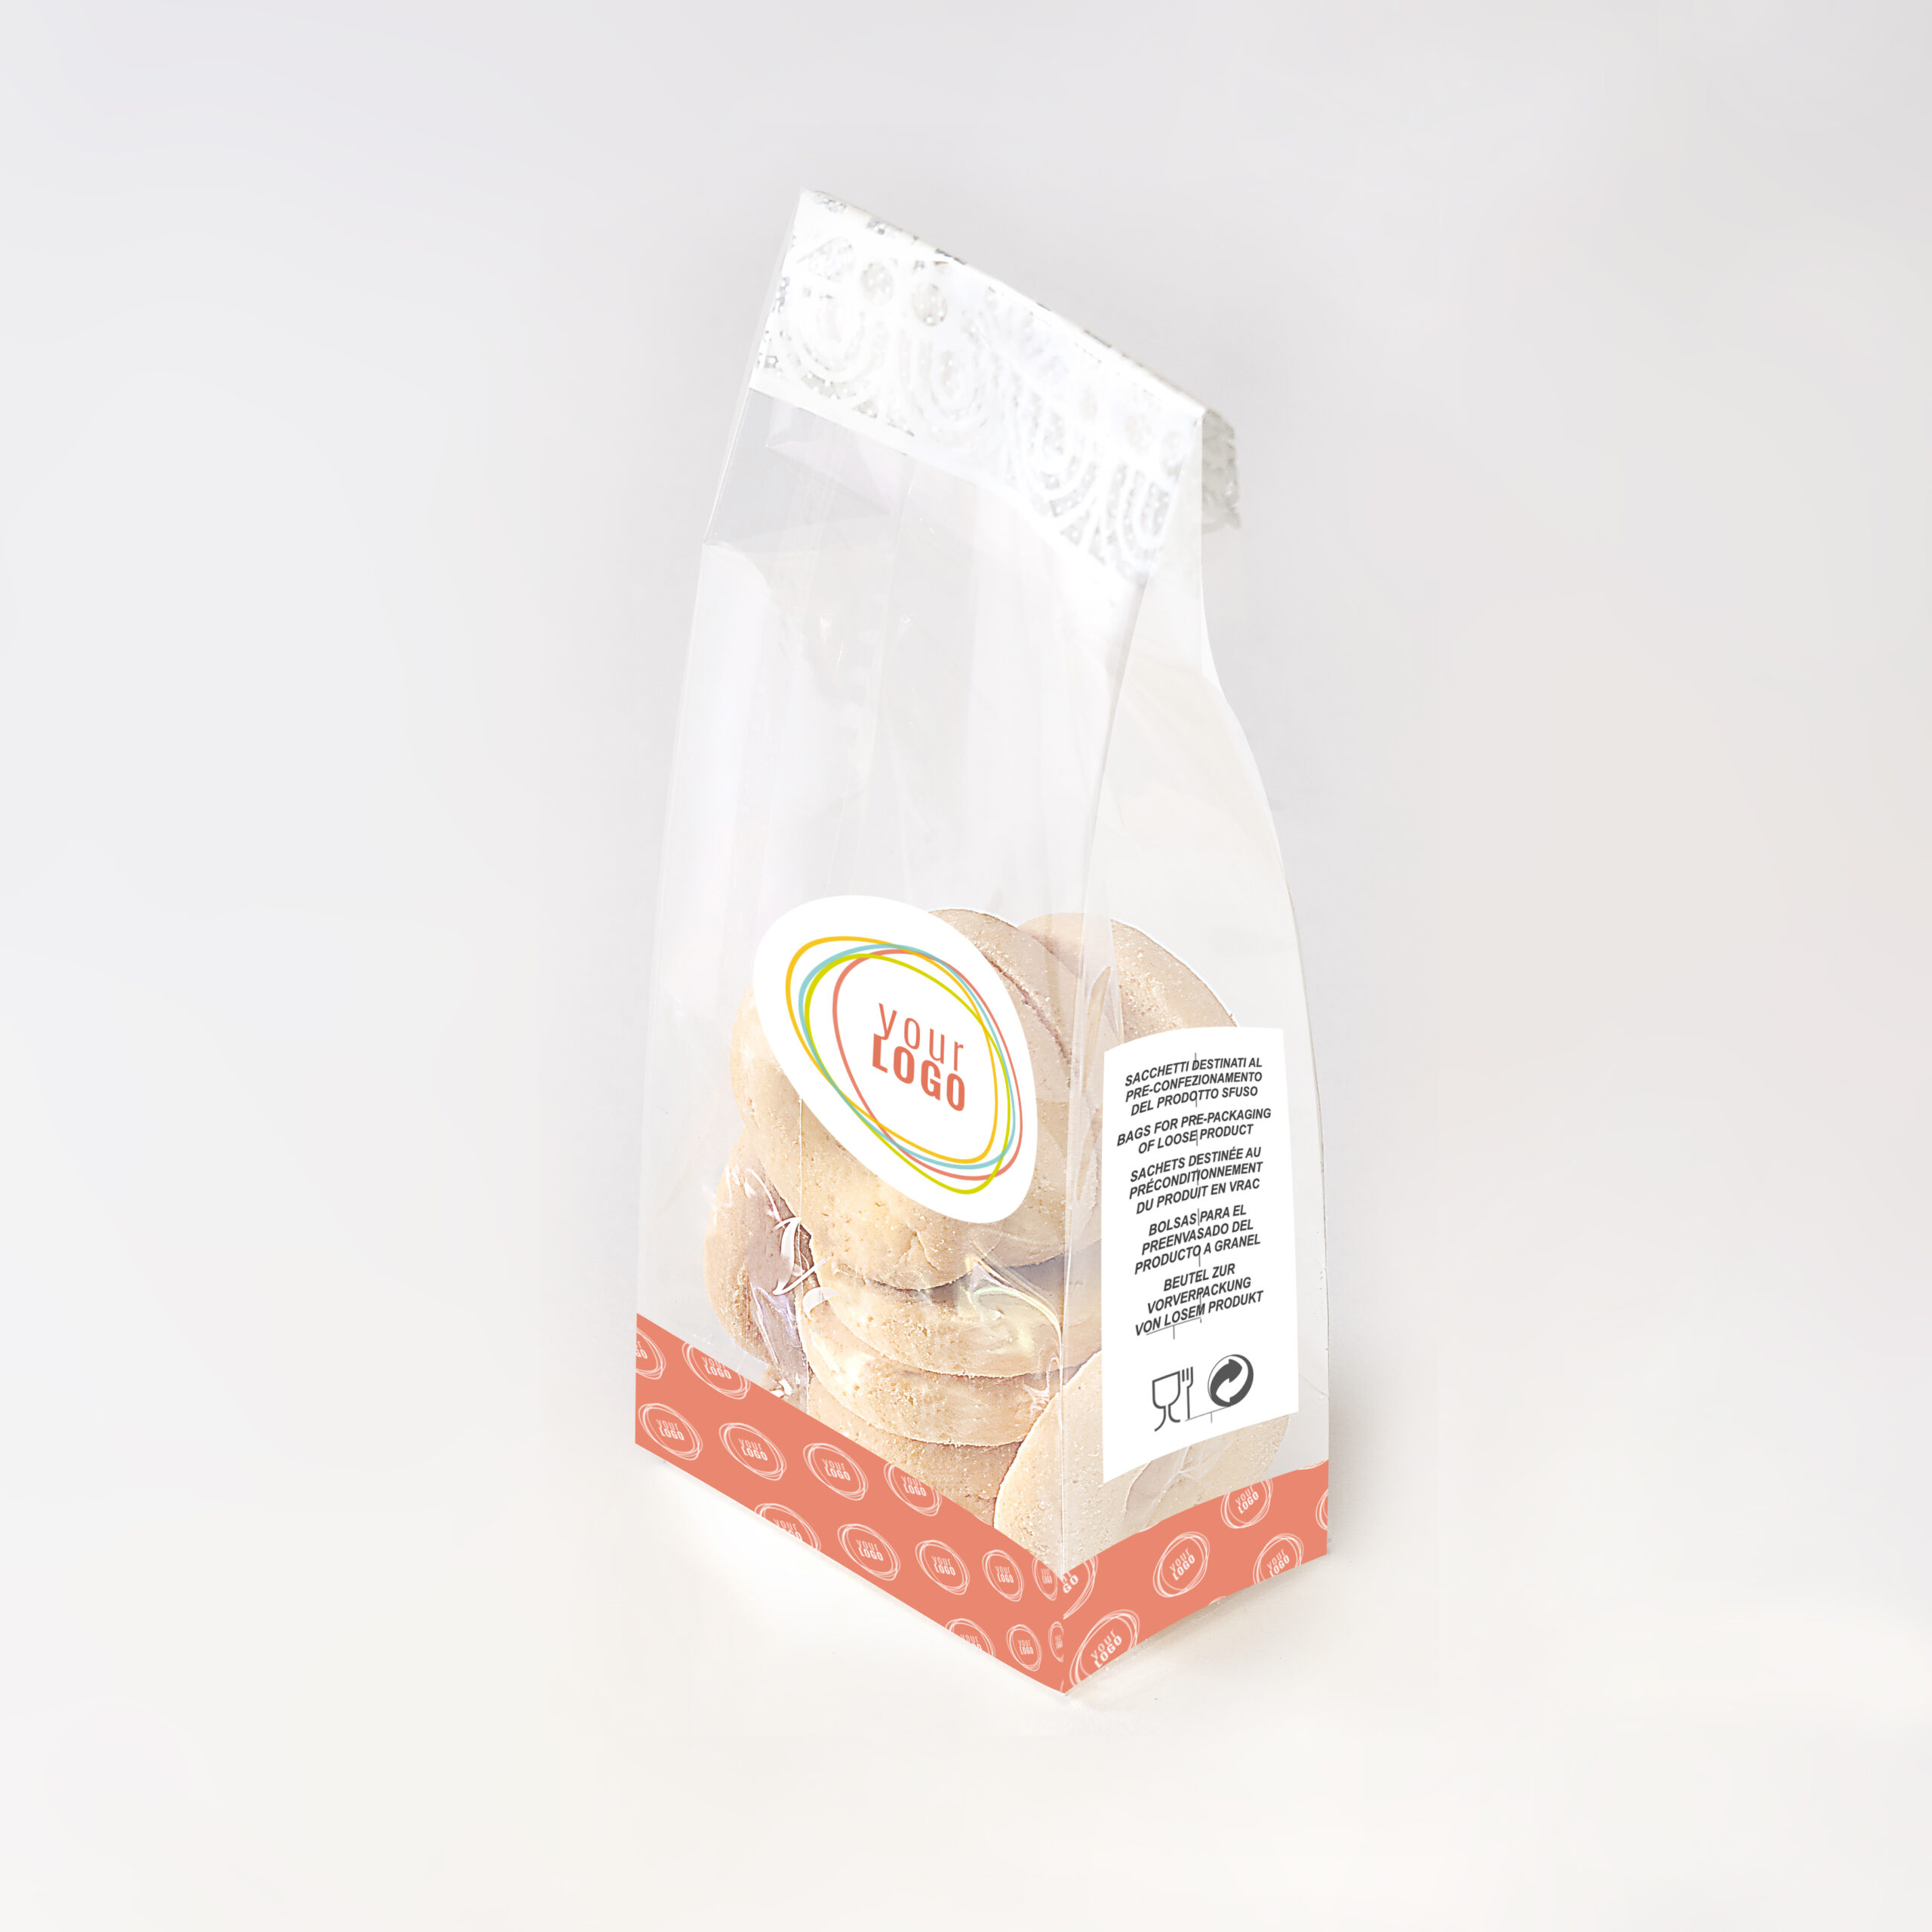 Customised Packaging Mockup